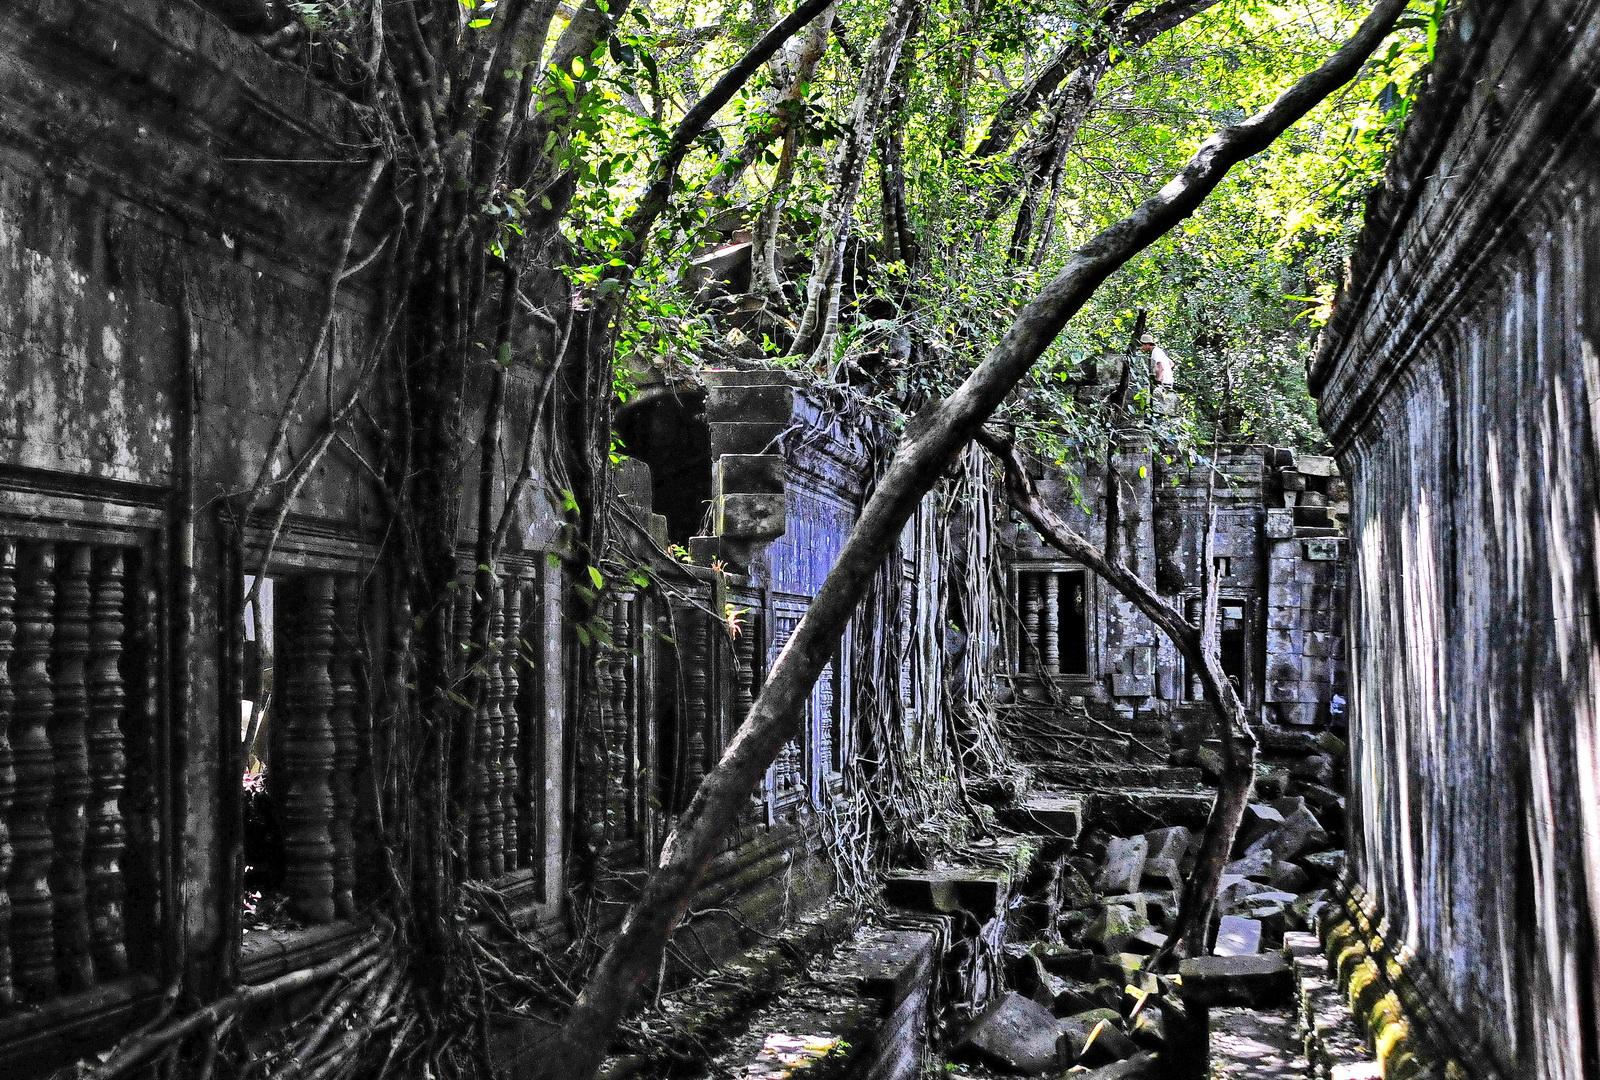 Cambodia, Beng Melea